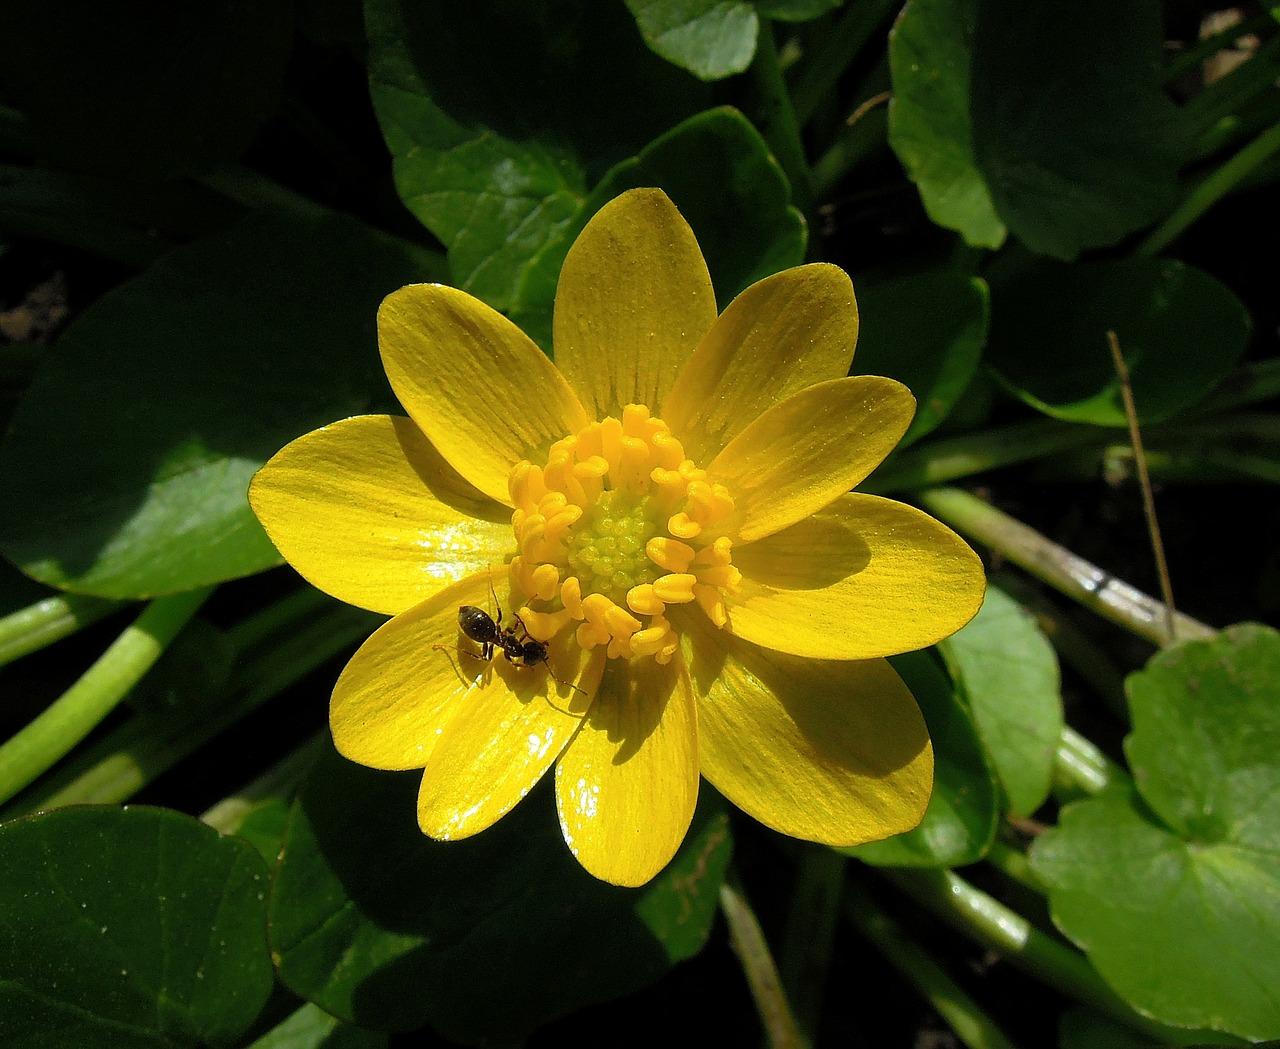 Fiori Gialli 8 Petali.Ranuncoli Ambiente E Biodiversita